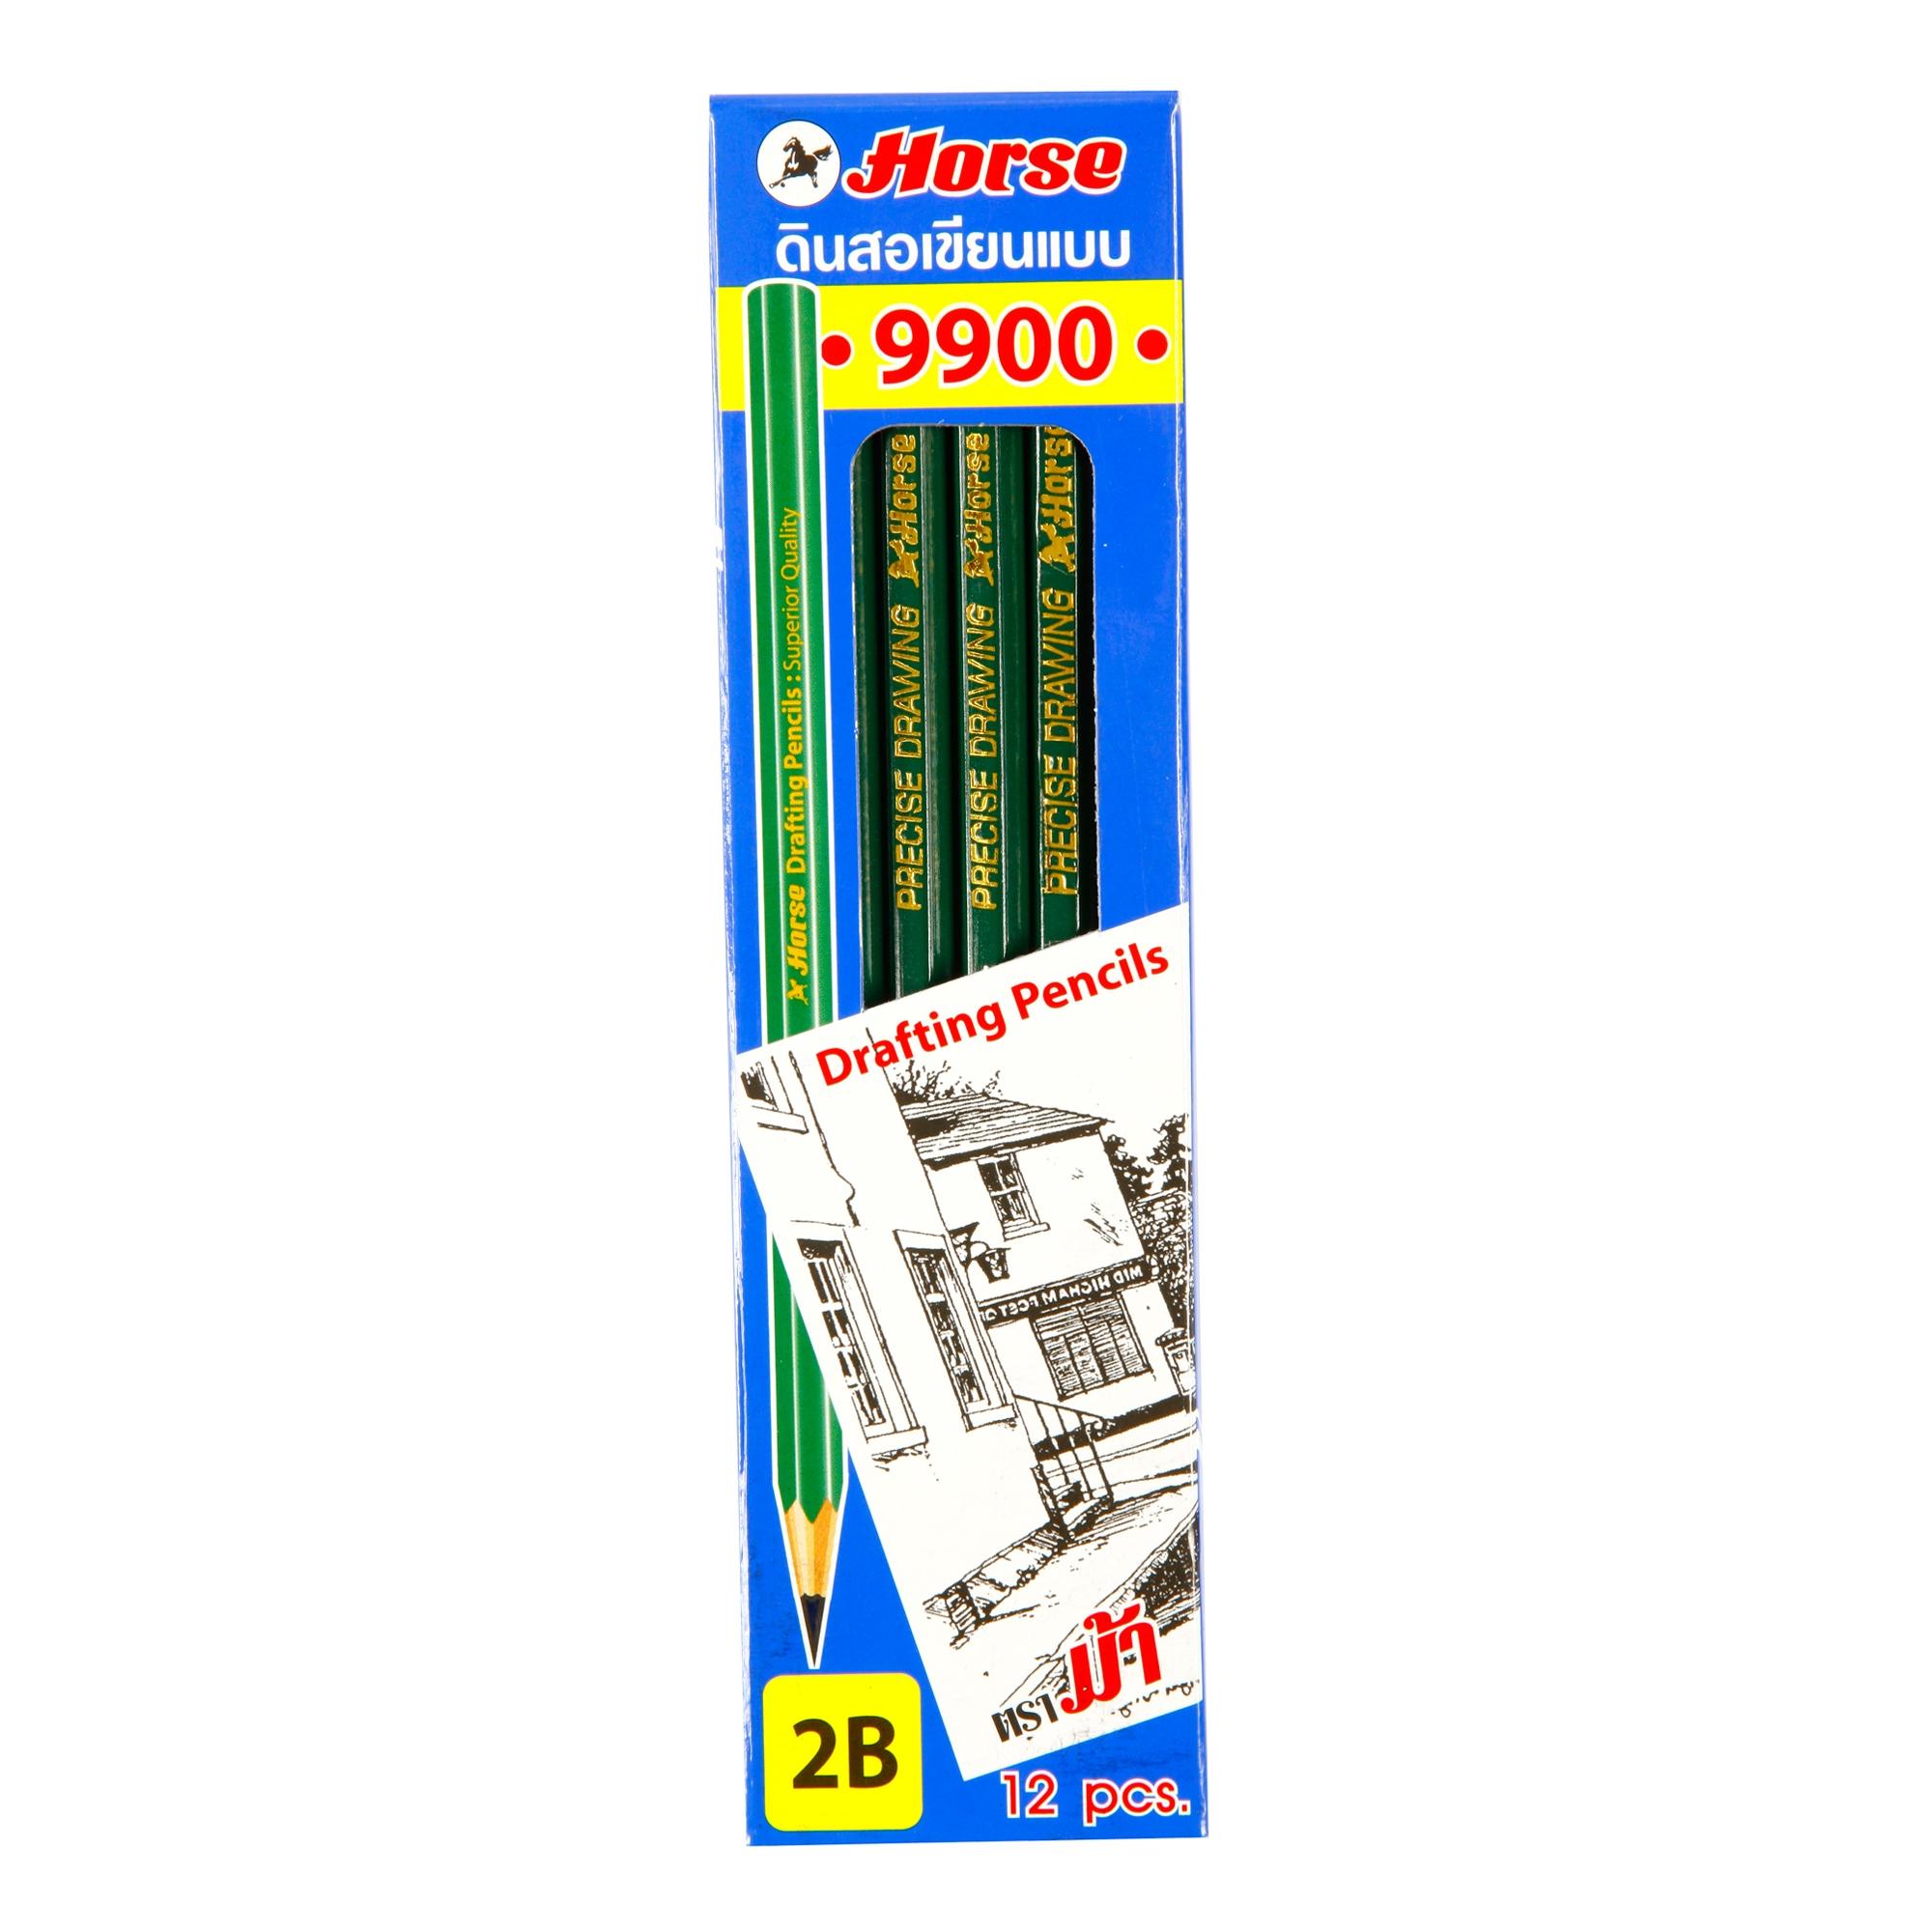 ดินสอไม้ เขียนแบบ ตราม้า H-9900 2B